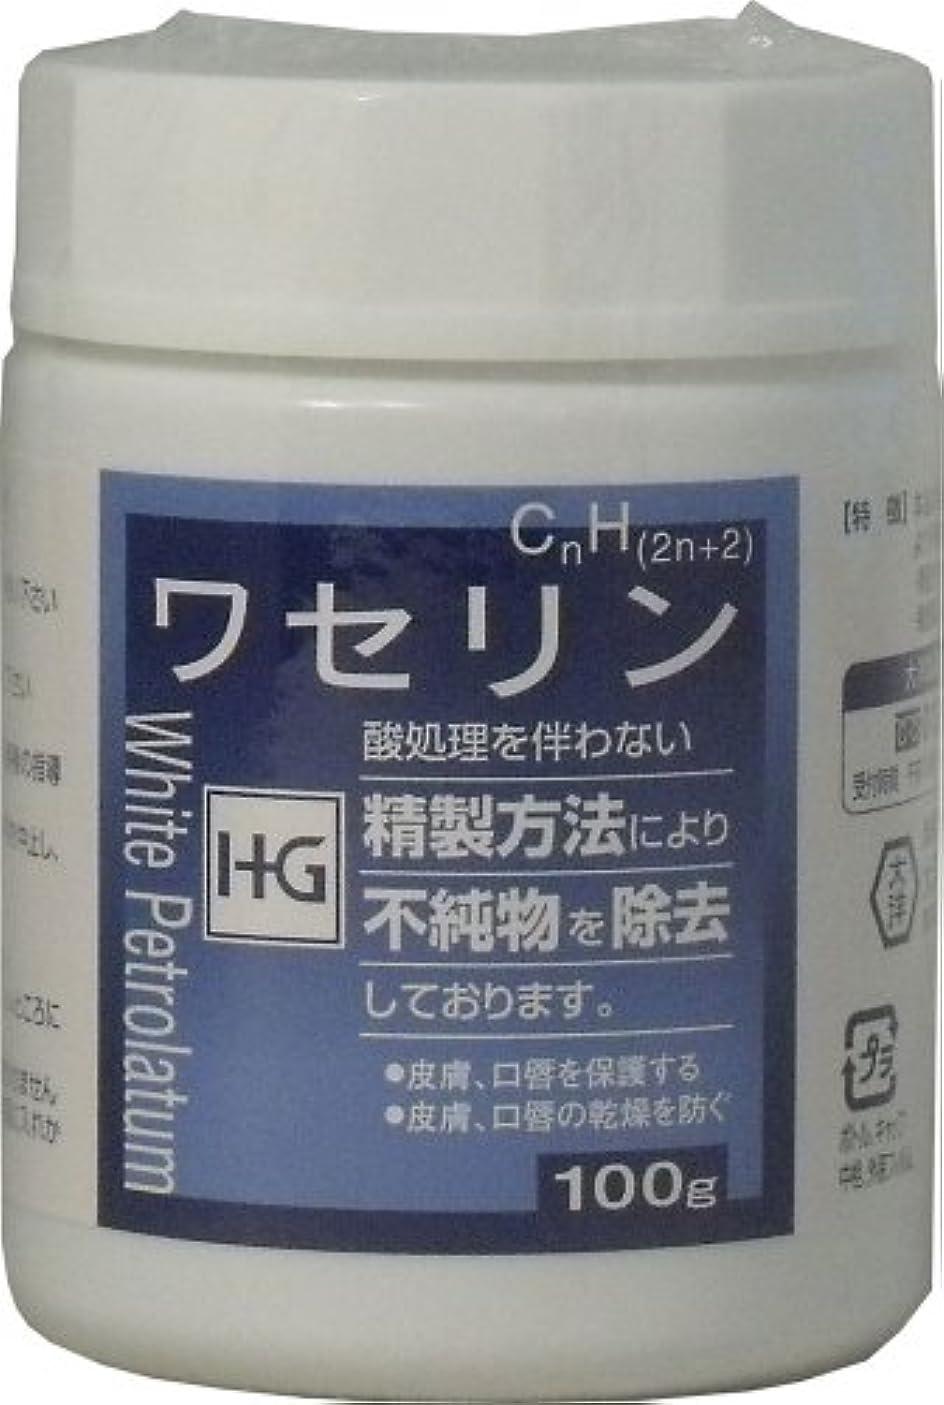 レギュラーフィットネスクラウド皮膚保護 ワセリンHG 100g ×10個セット